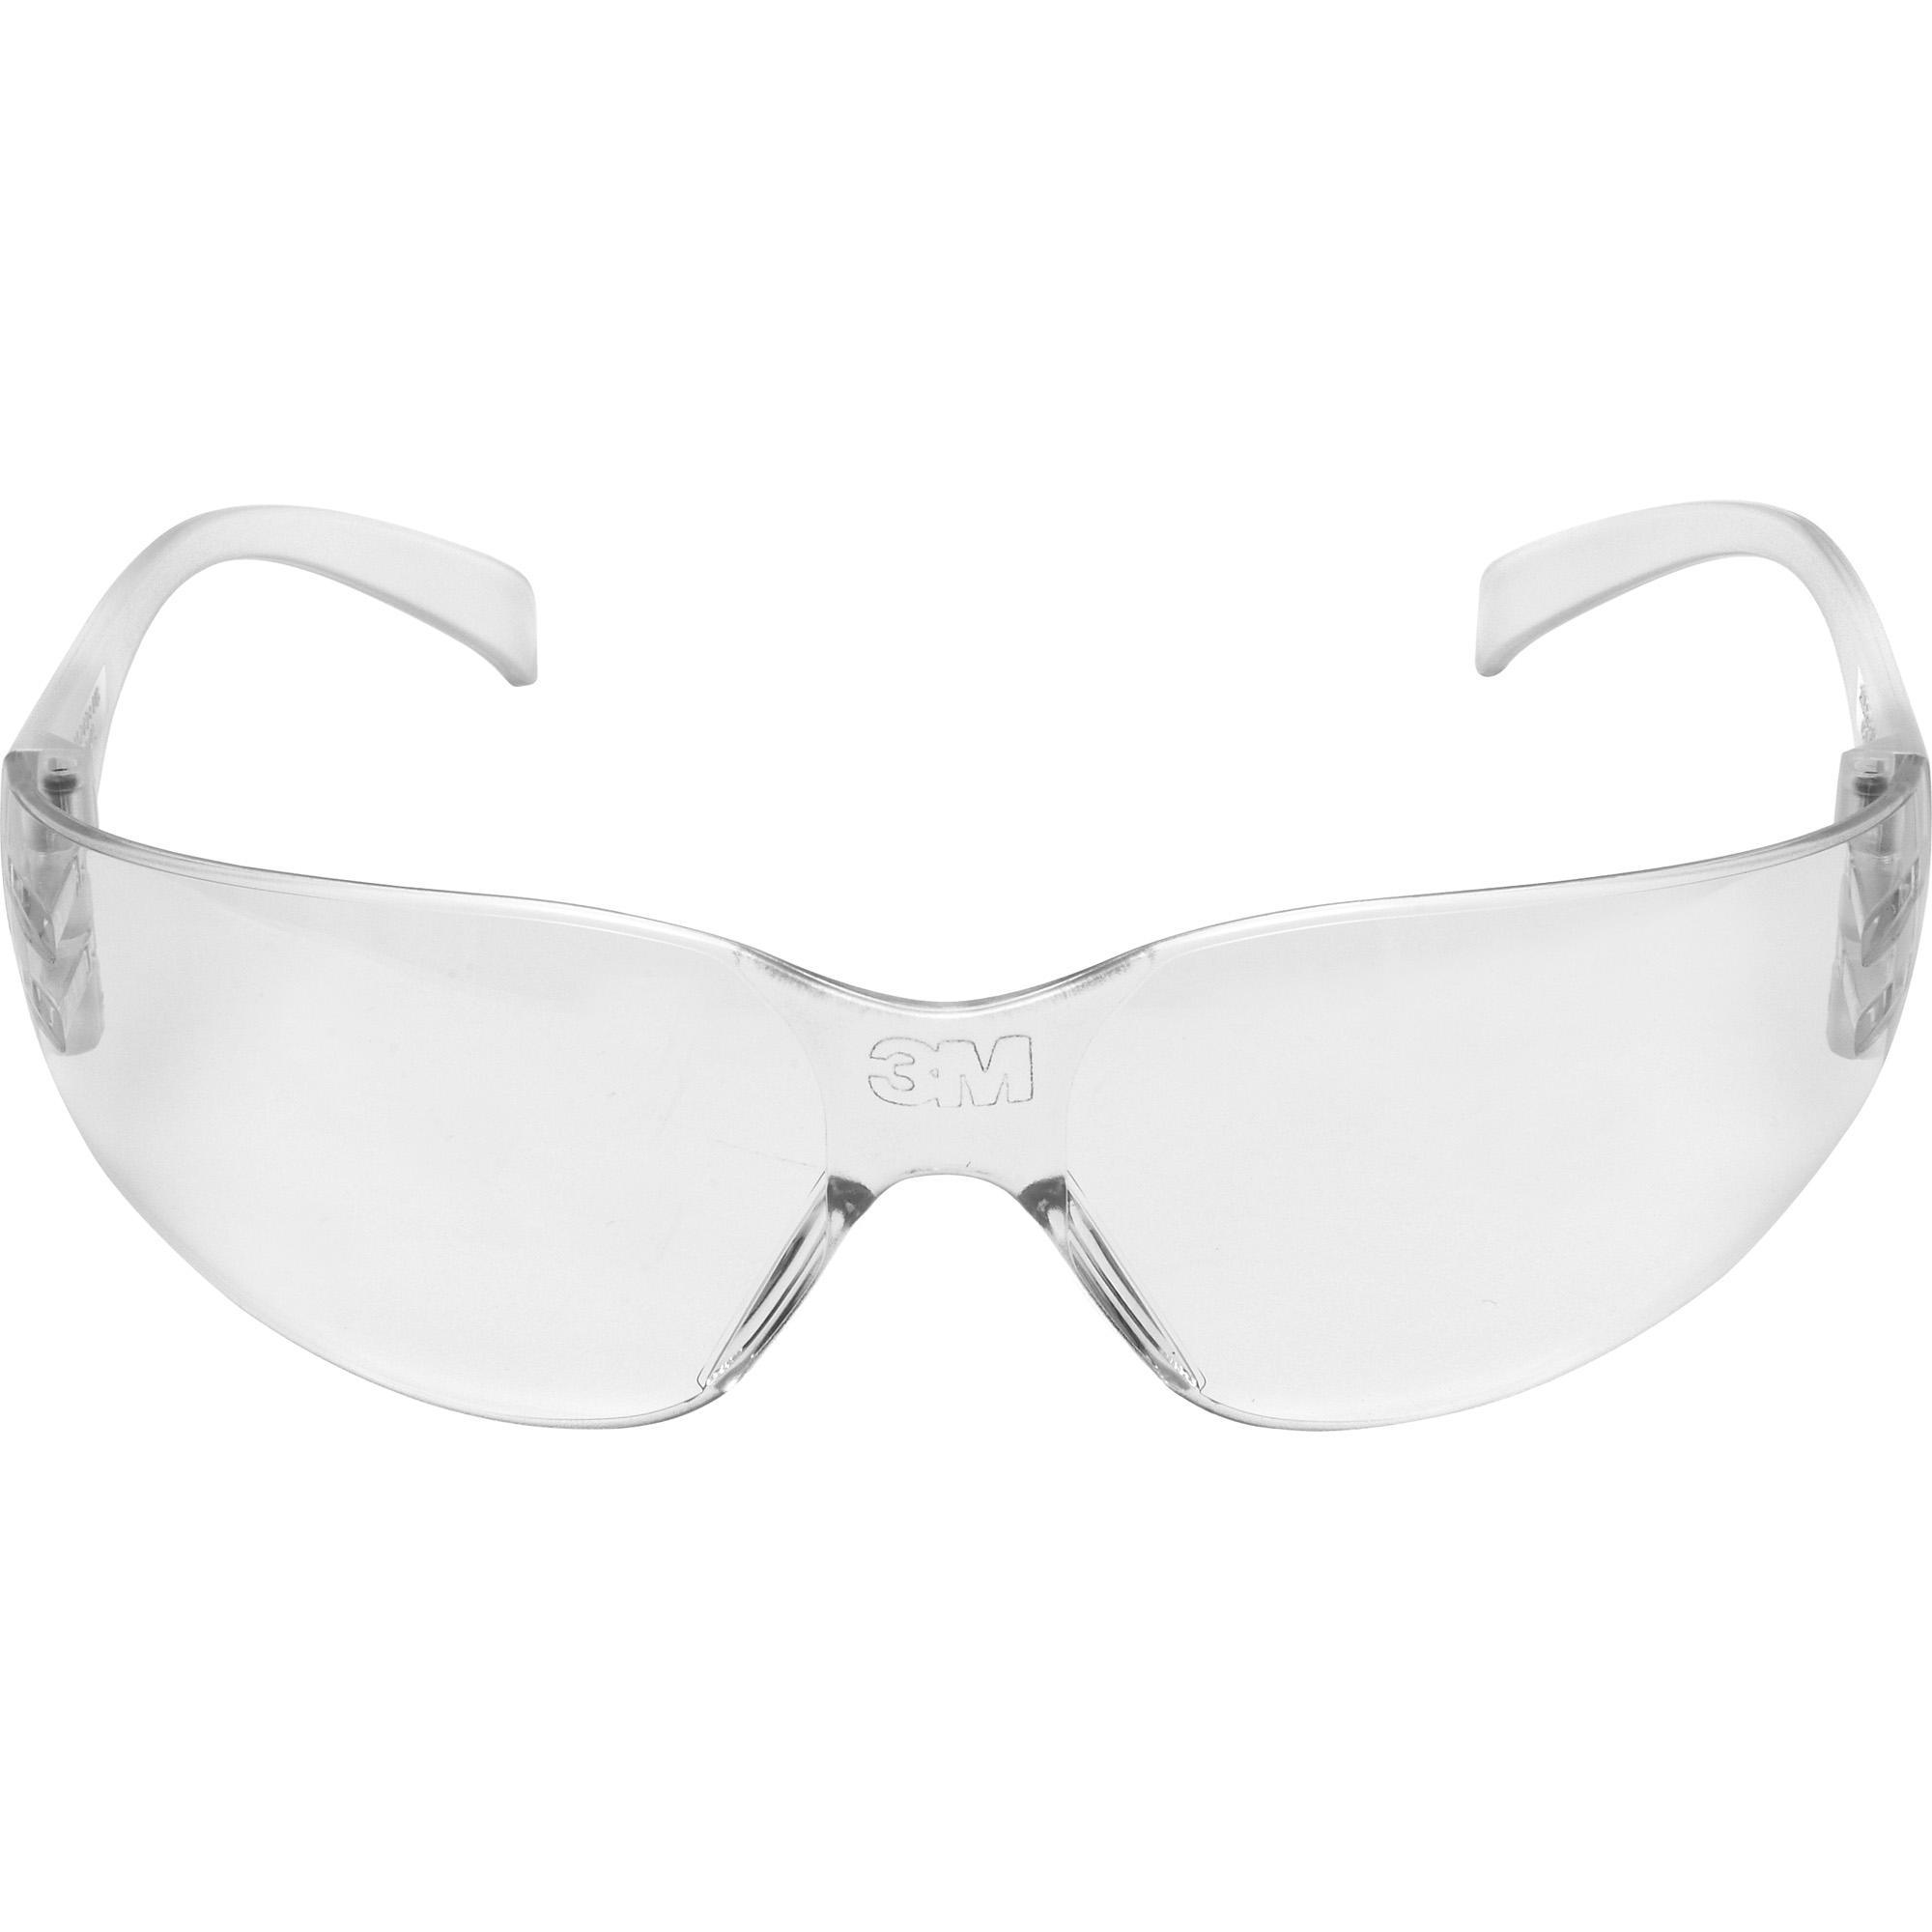 cdb7dbdbff7a7 Óculos de Proteção Antirrisco VIRTUA Transparente 3M - Mundomax